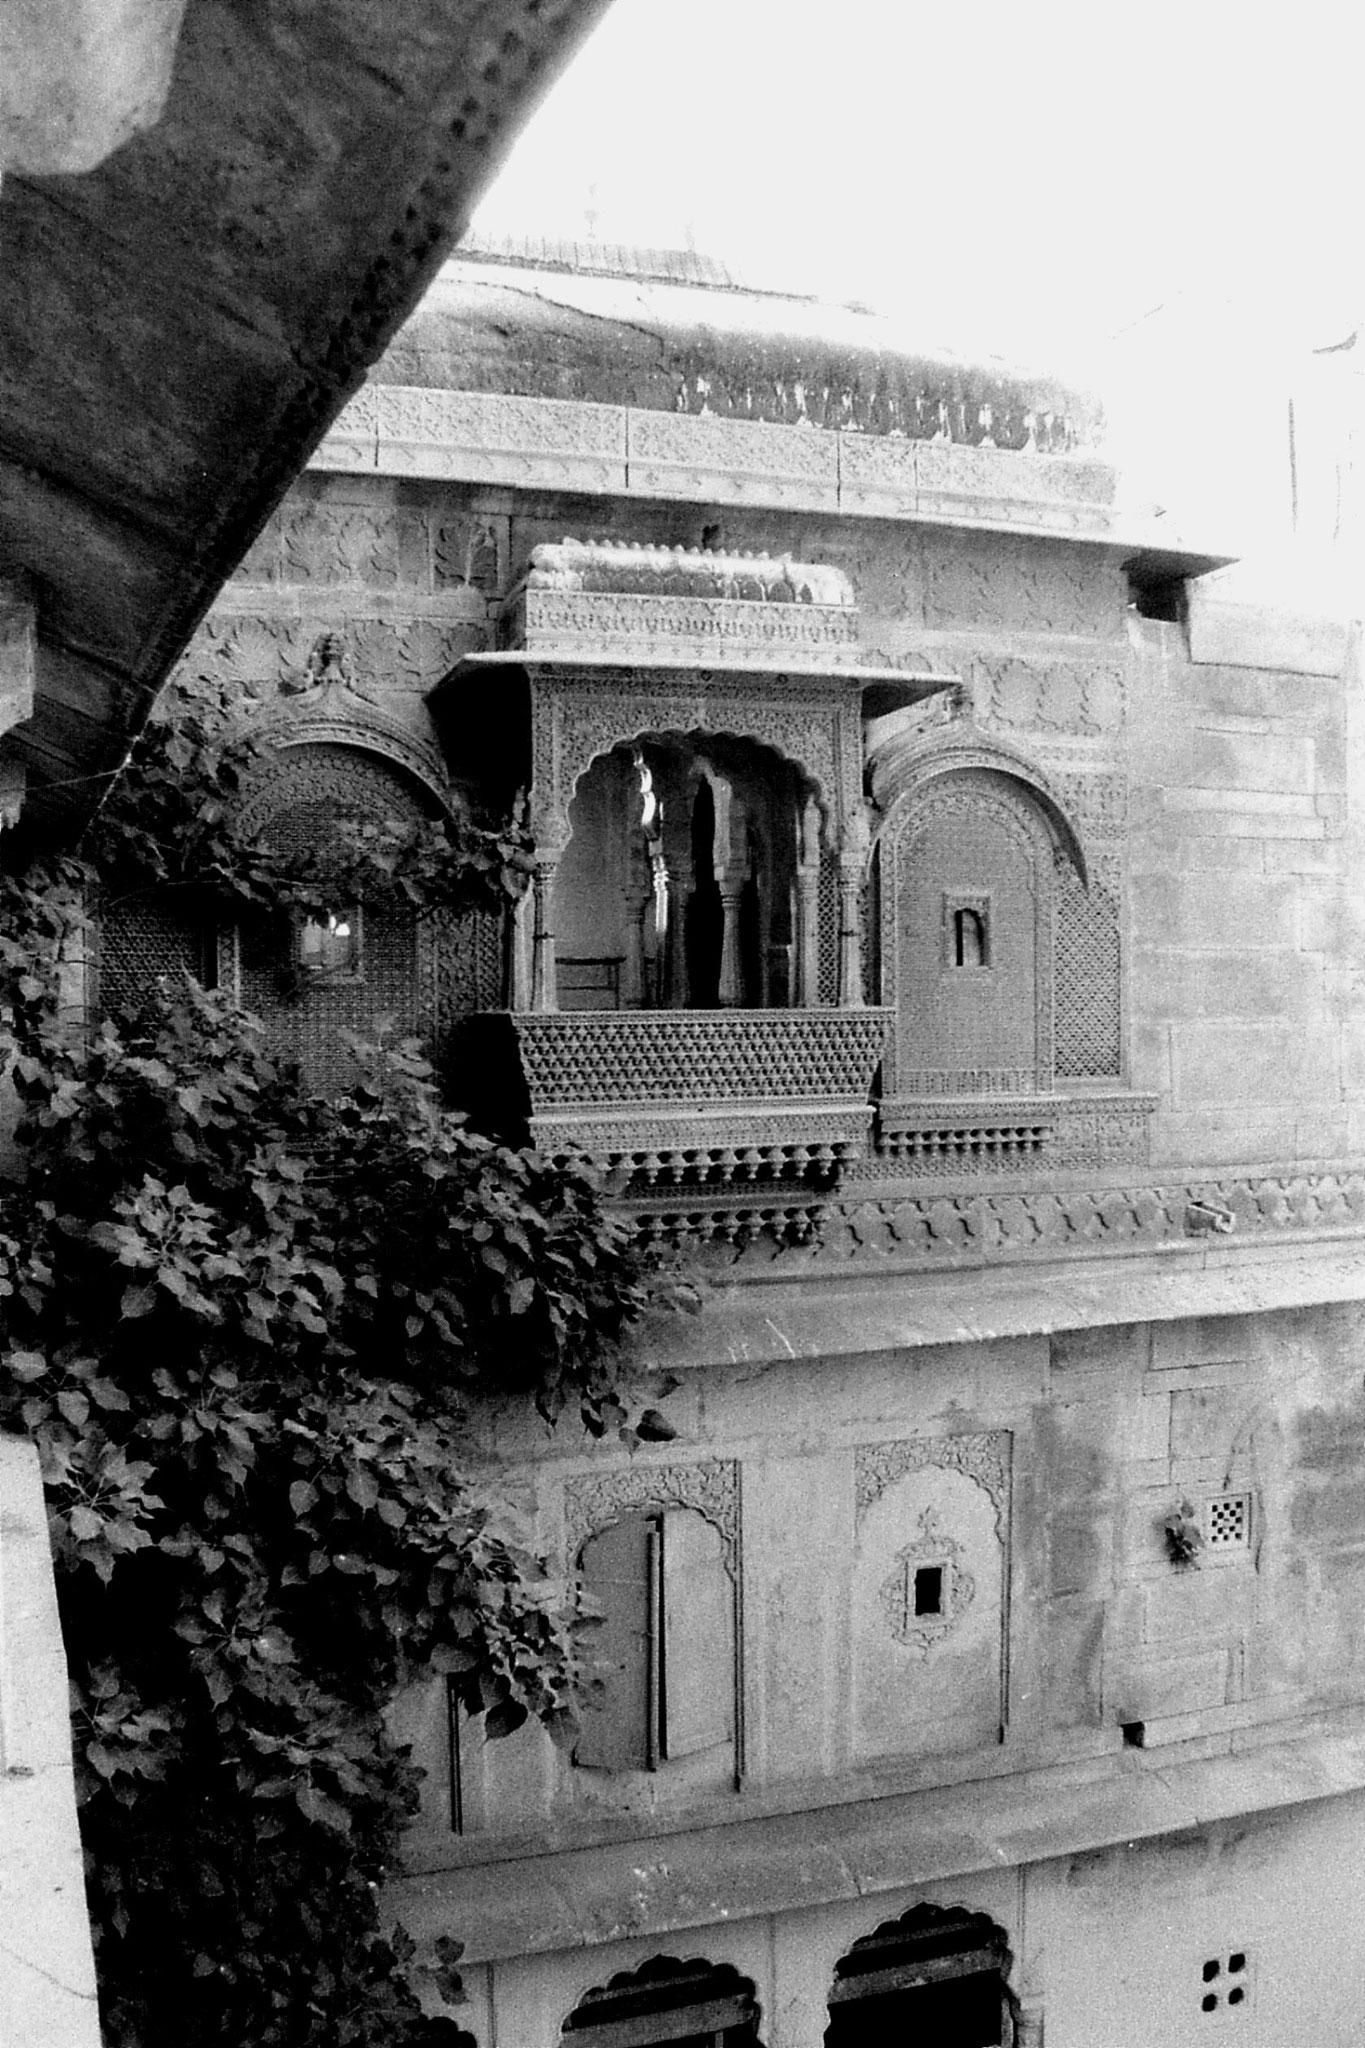 3/12/1989: 27: Jaisalmer